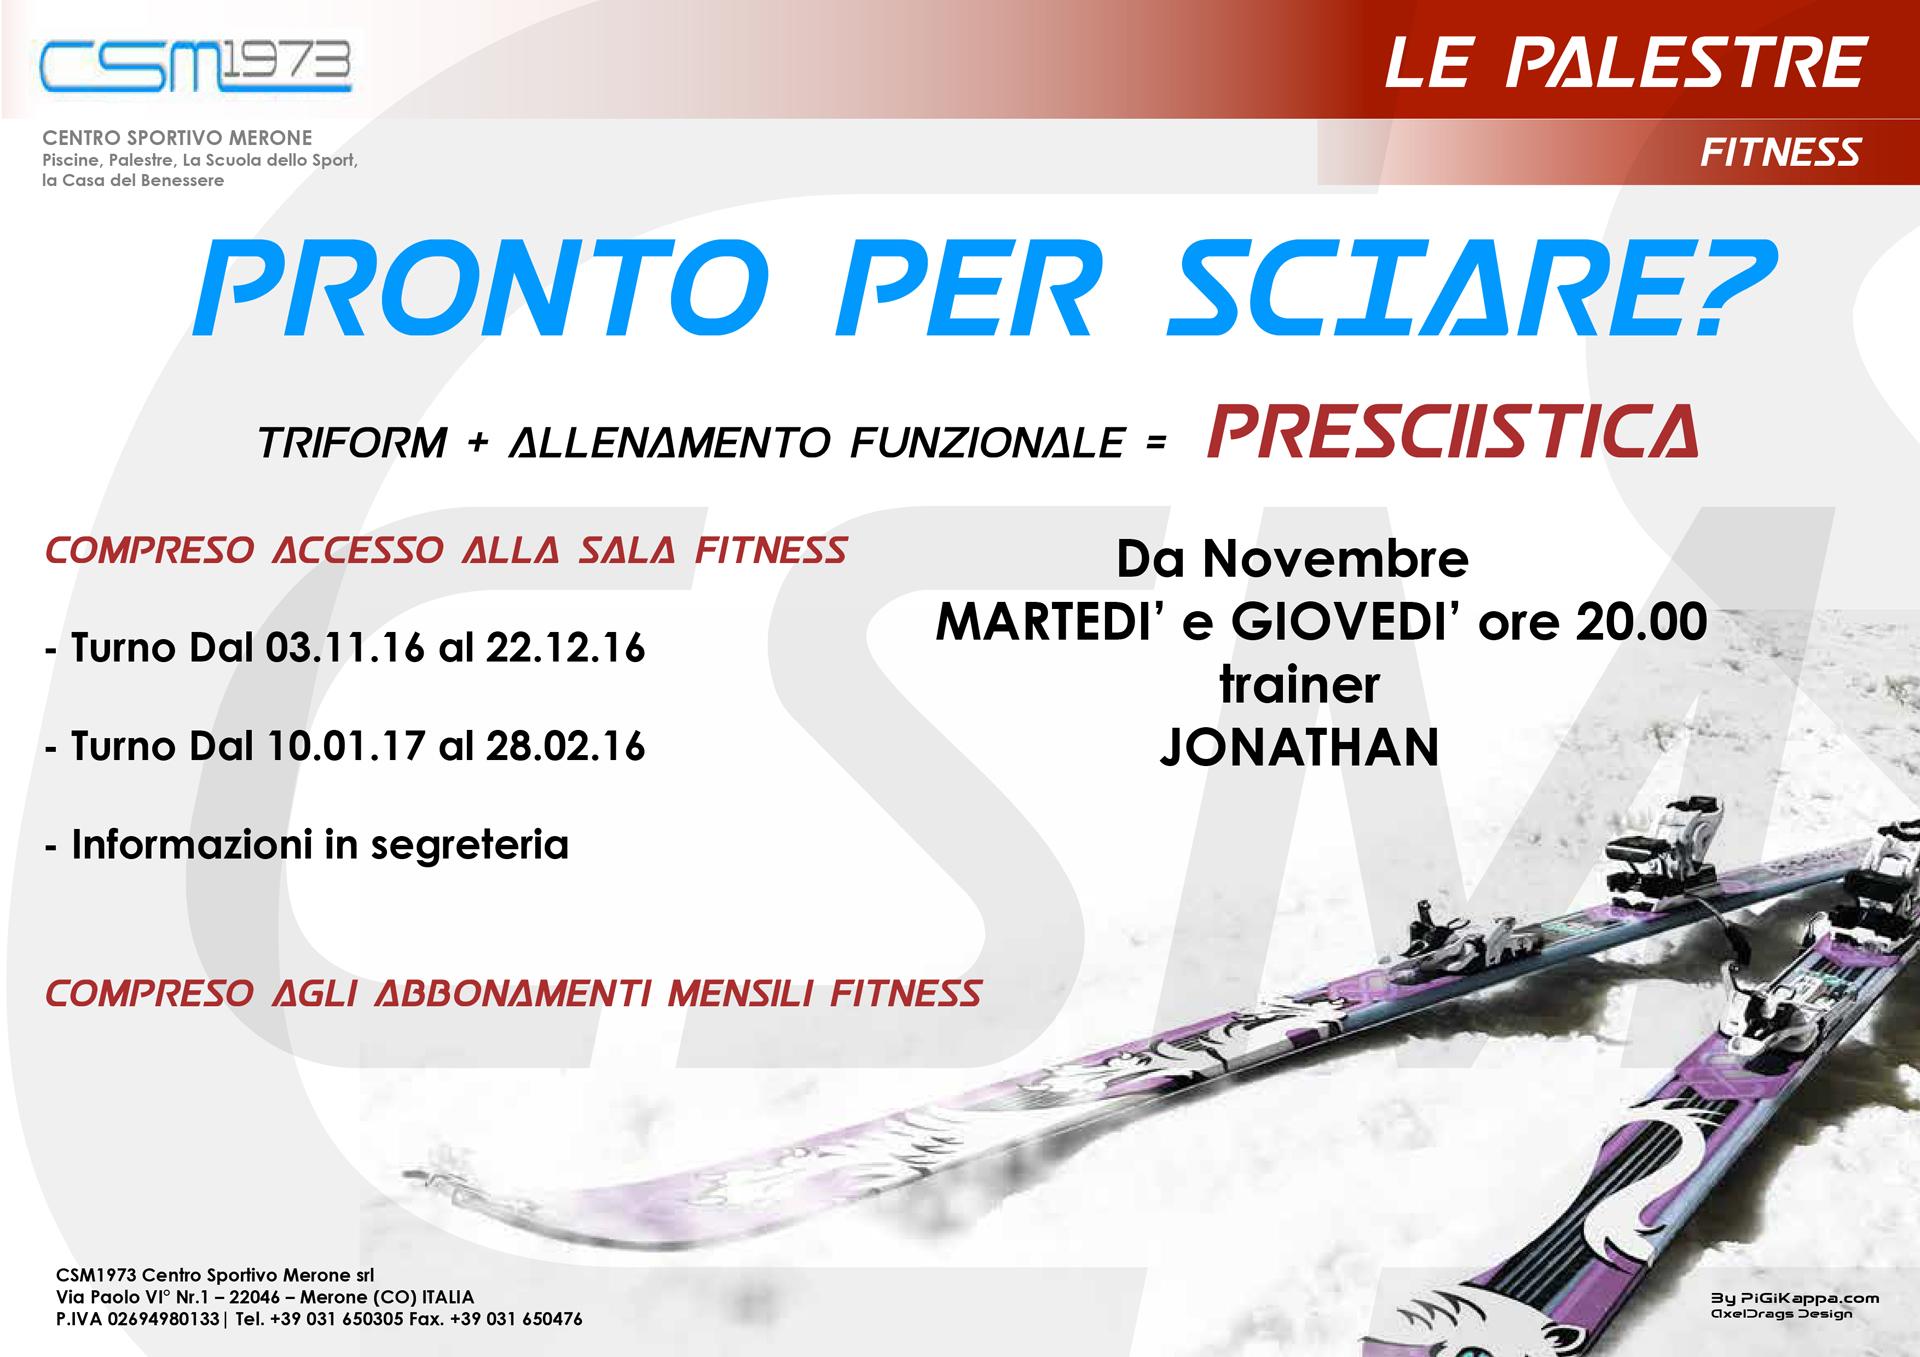 Presciistica - Centro Sportivo Merone